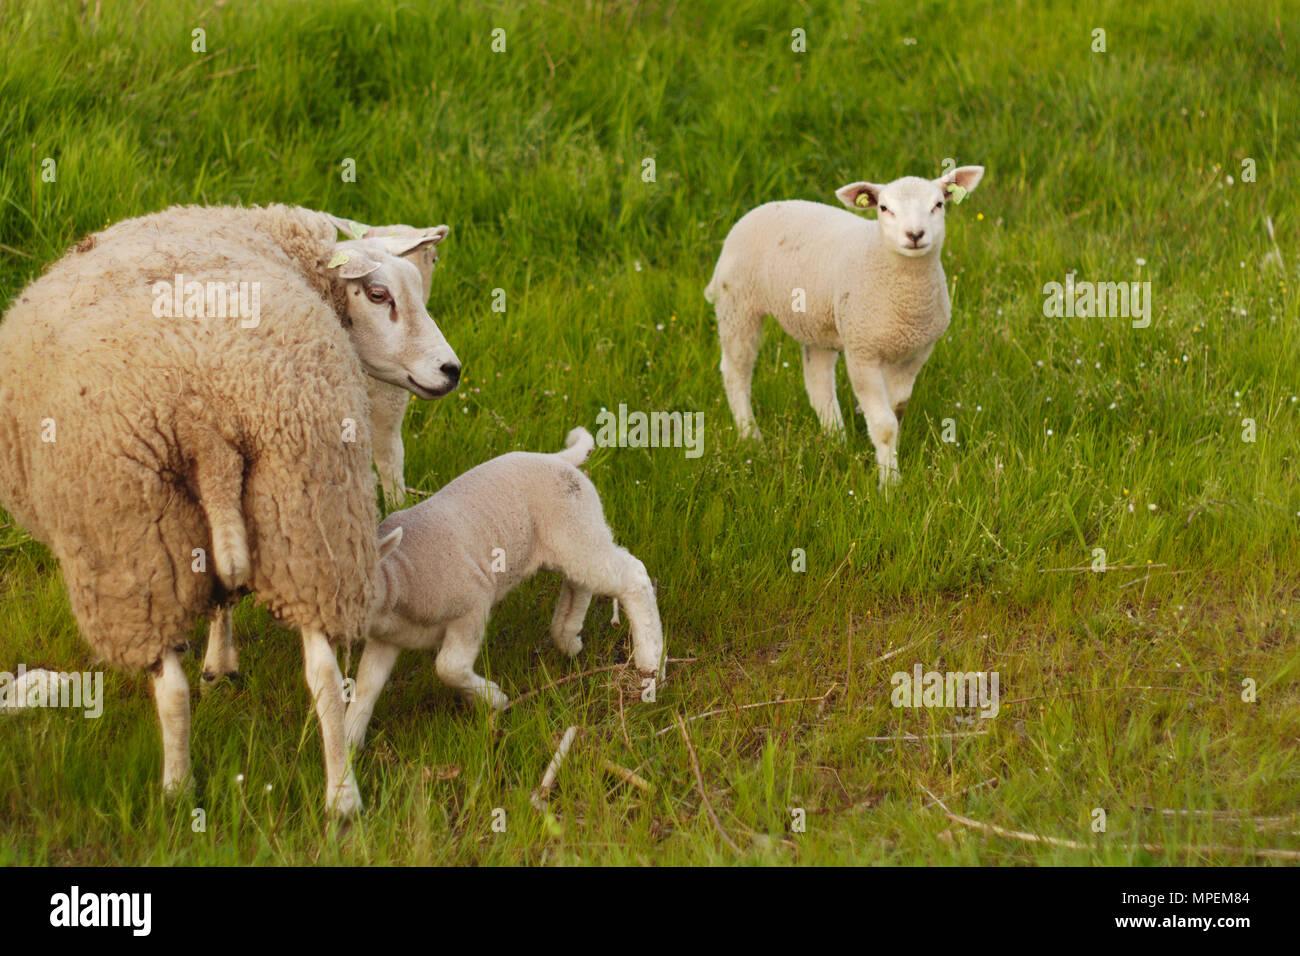 Un cordero alimentación con su madre en un campo con otro cordero mirando a la cámara. Imagen De Stock